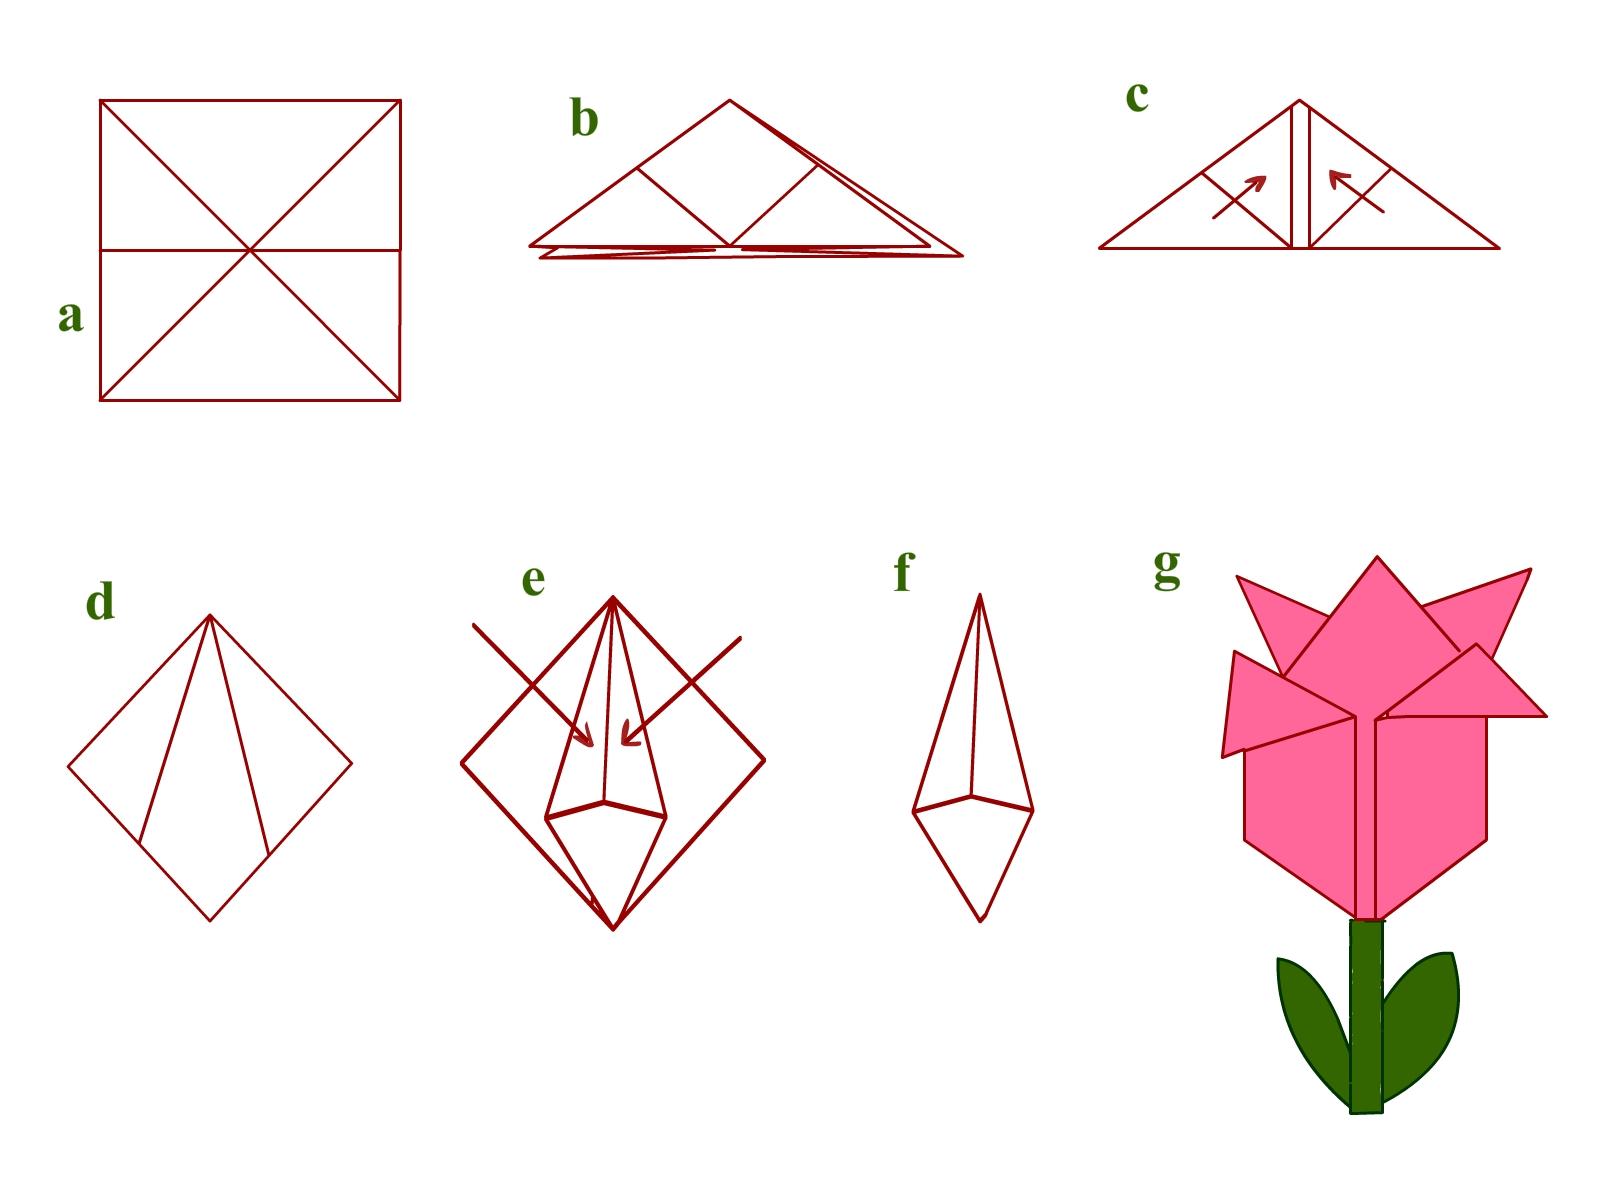 Фото как сделать поделки из бумаги своими